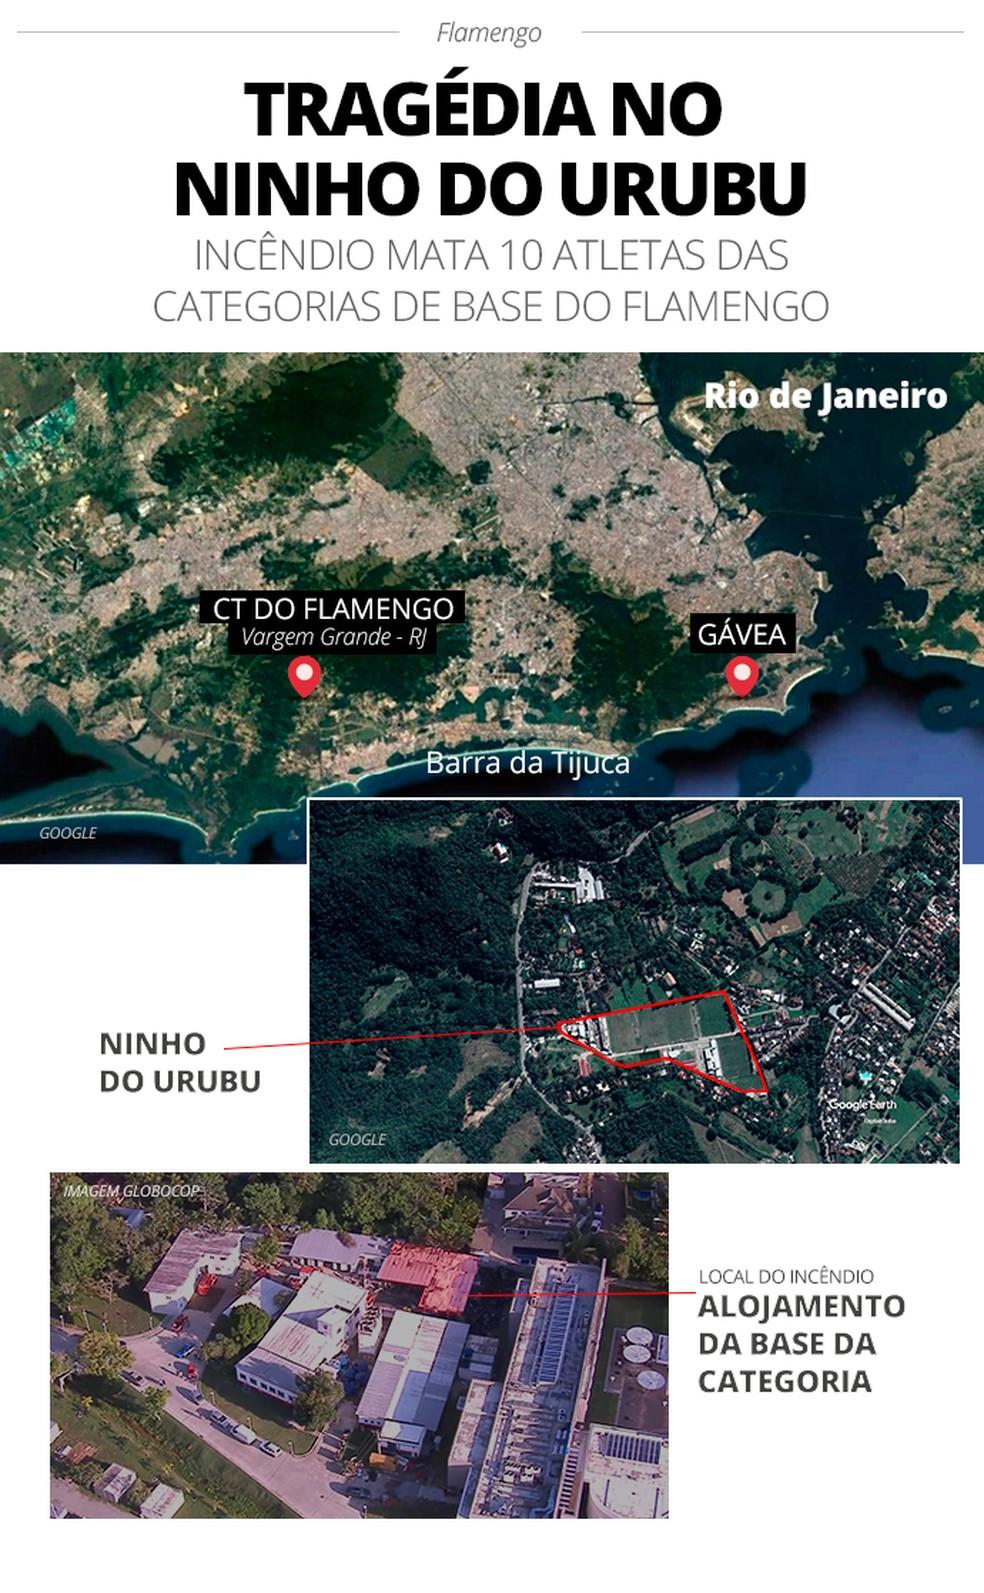 Tragédia no flamengo — Foto: Infografia